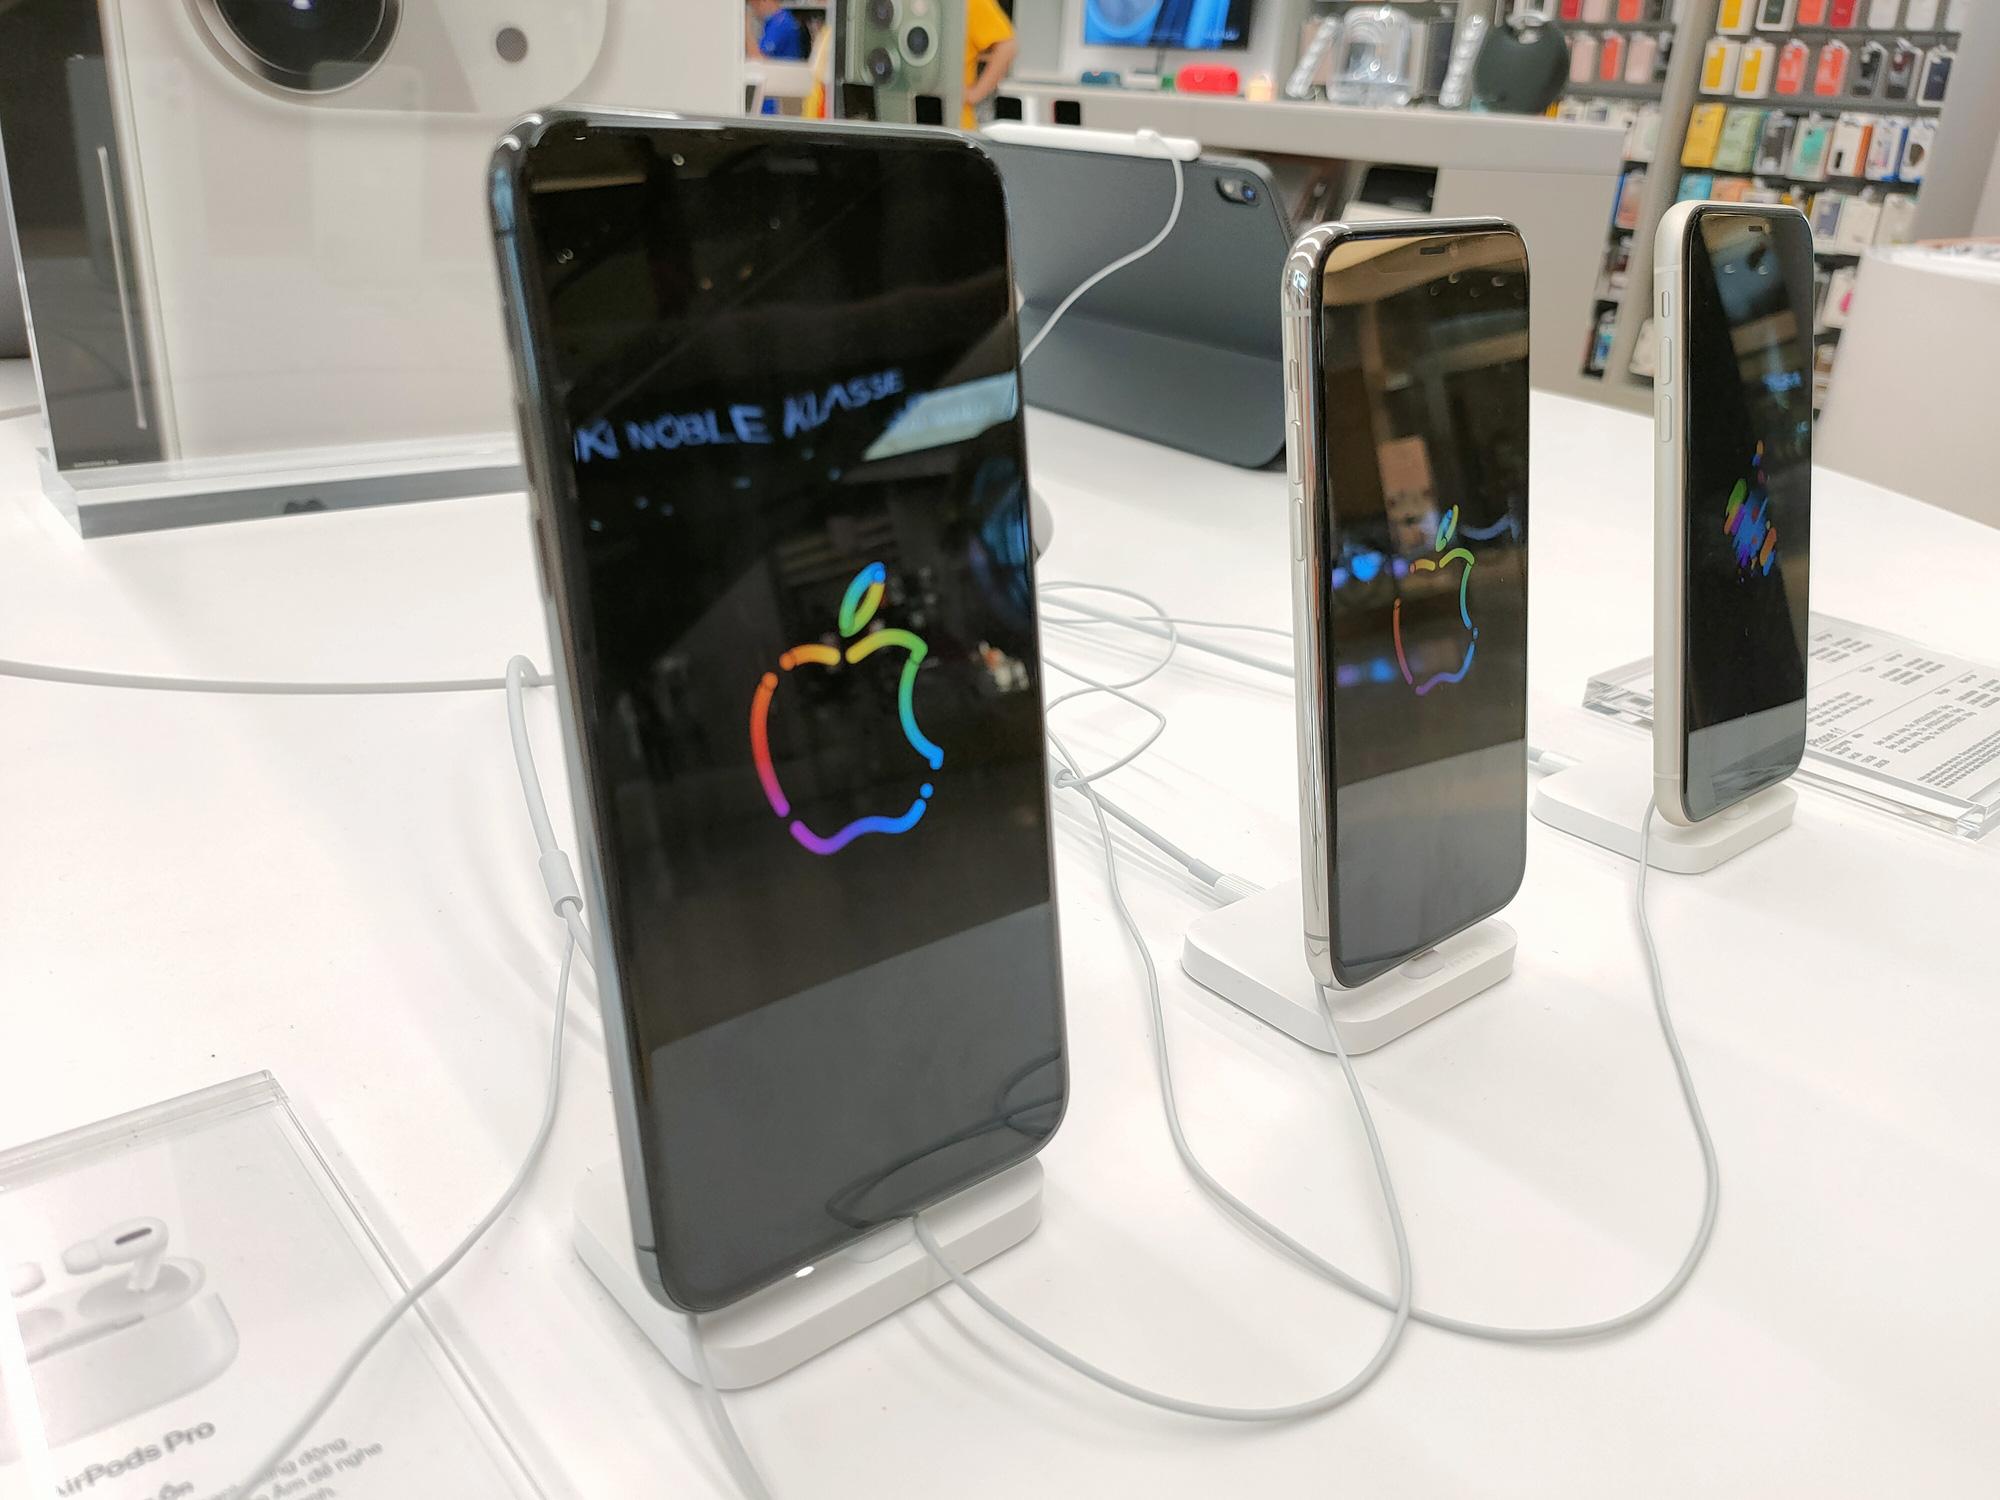 Điện thoại giảm giá: iPhone có nhiều ưu đãi vượt mặt Android - Ảnh 1.